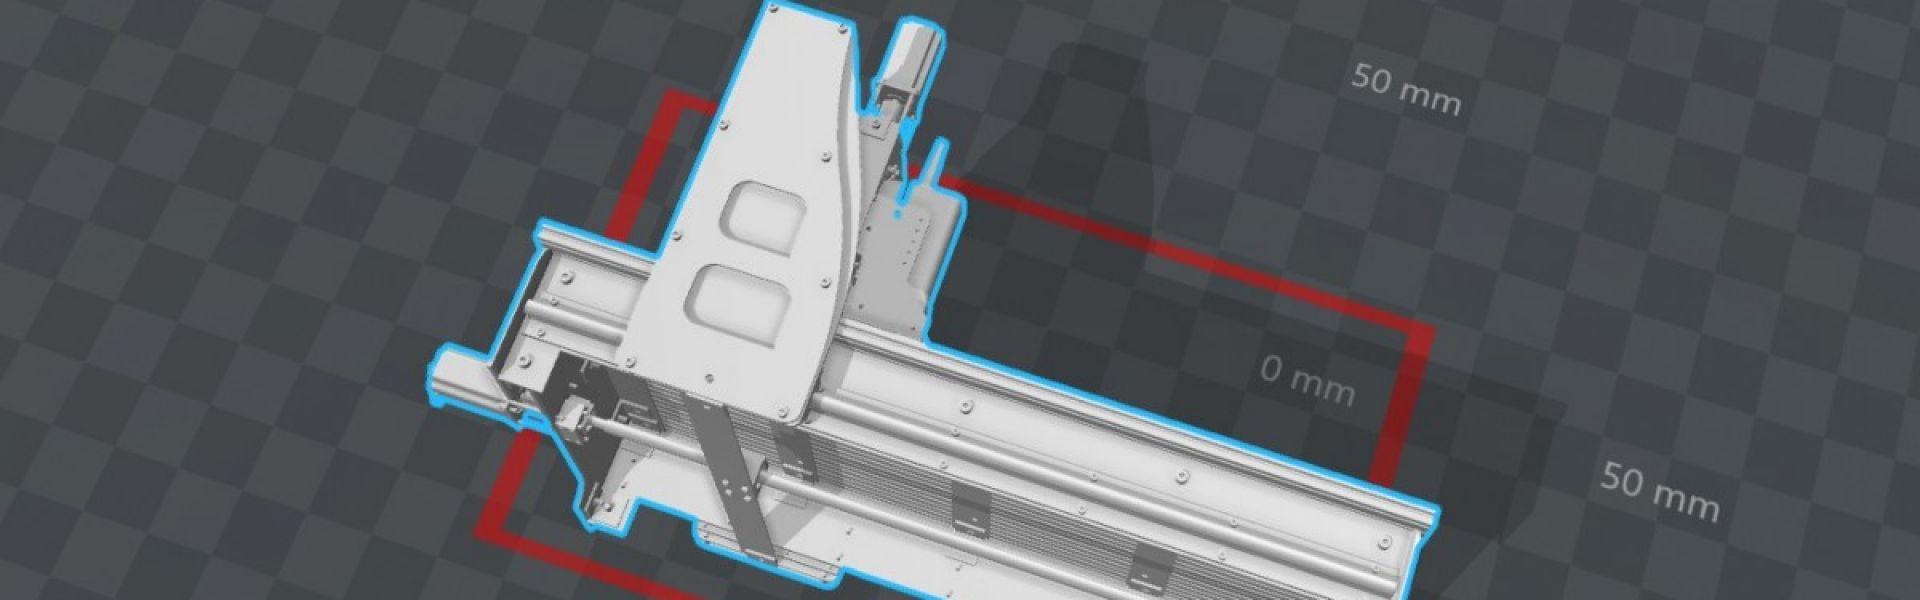 Clasimex.com Planos de CNC 3 Ejes en 3D Archivos SolidWorks Featured Wood Topics